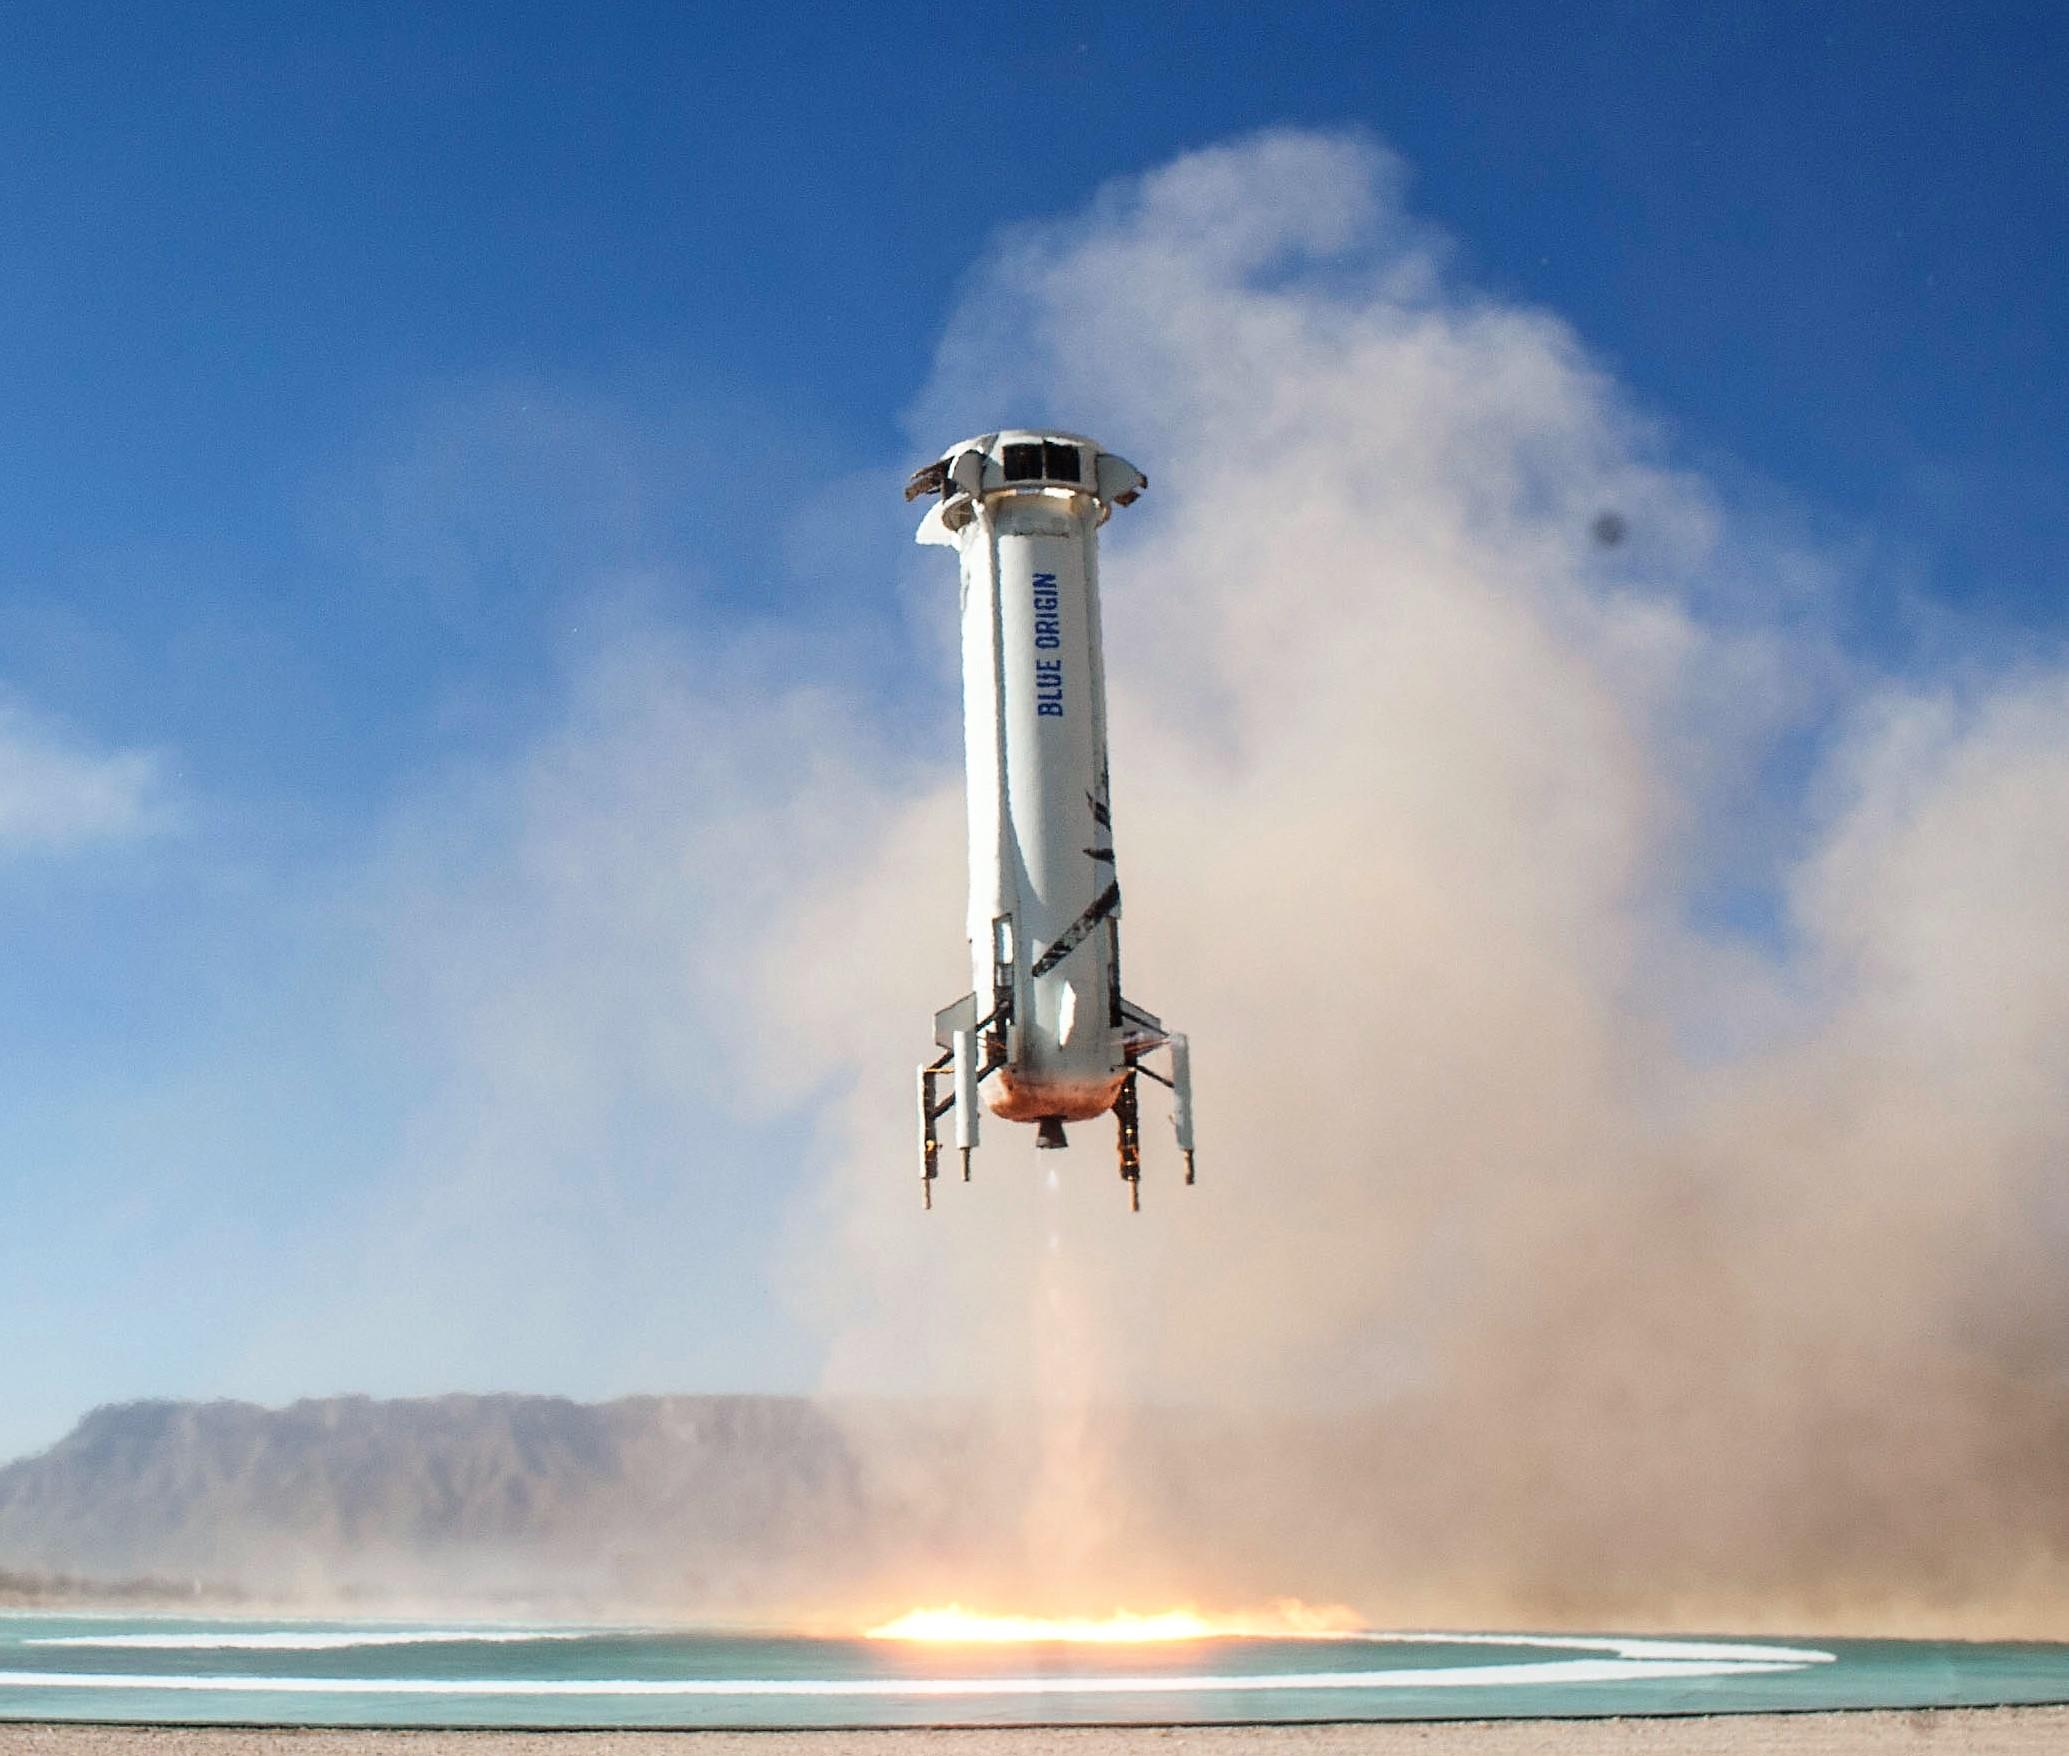 Figure 2: Capsula reutilizabilă New Shepard, la finalul unei misiuni suborbitale, revenind la sol (Sursa foto: Blue Origin.)